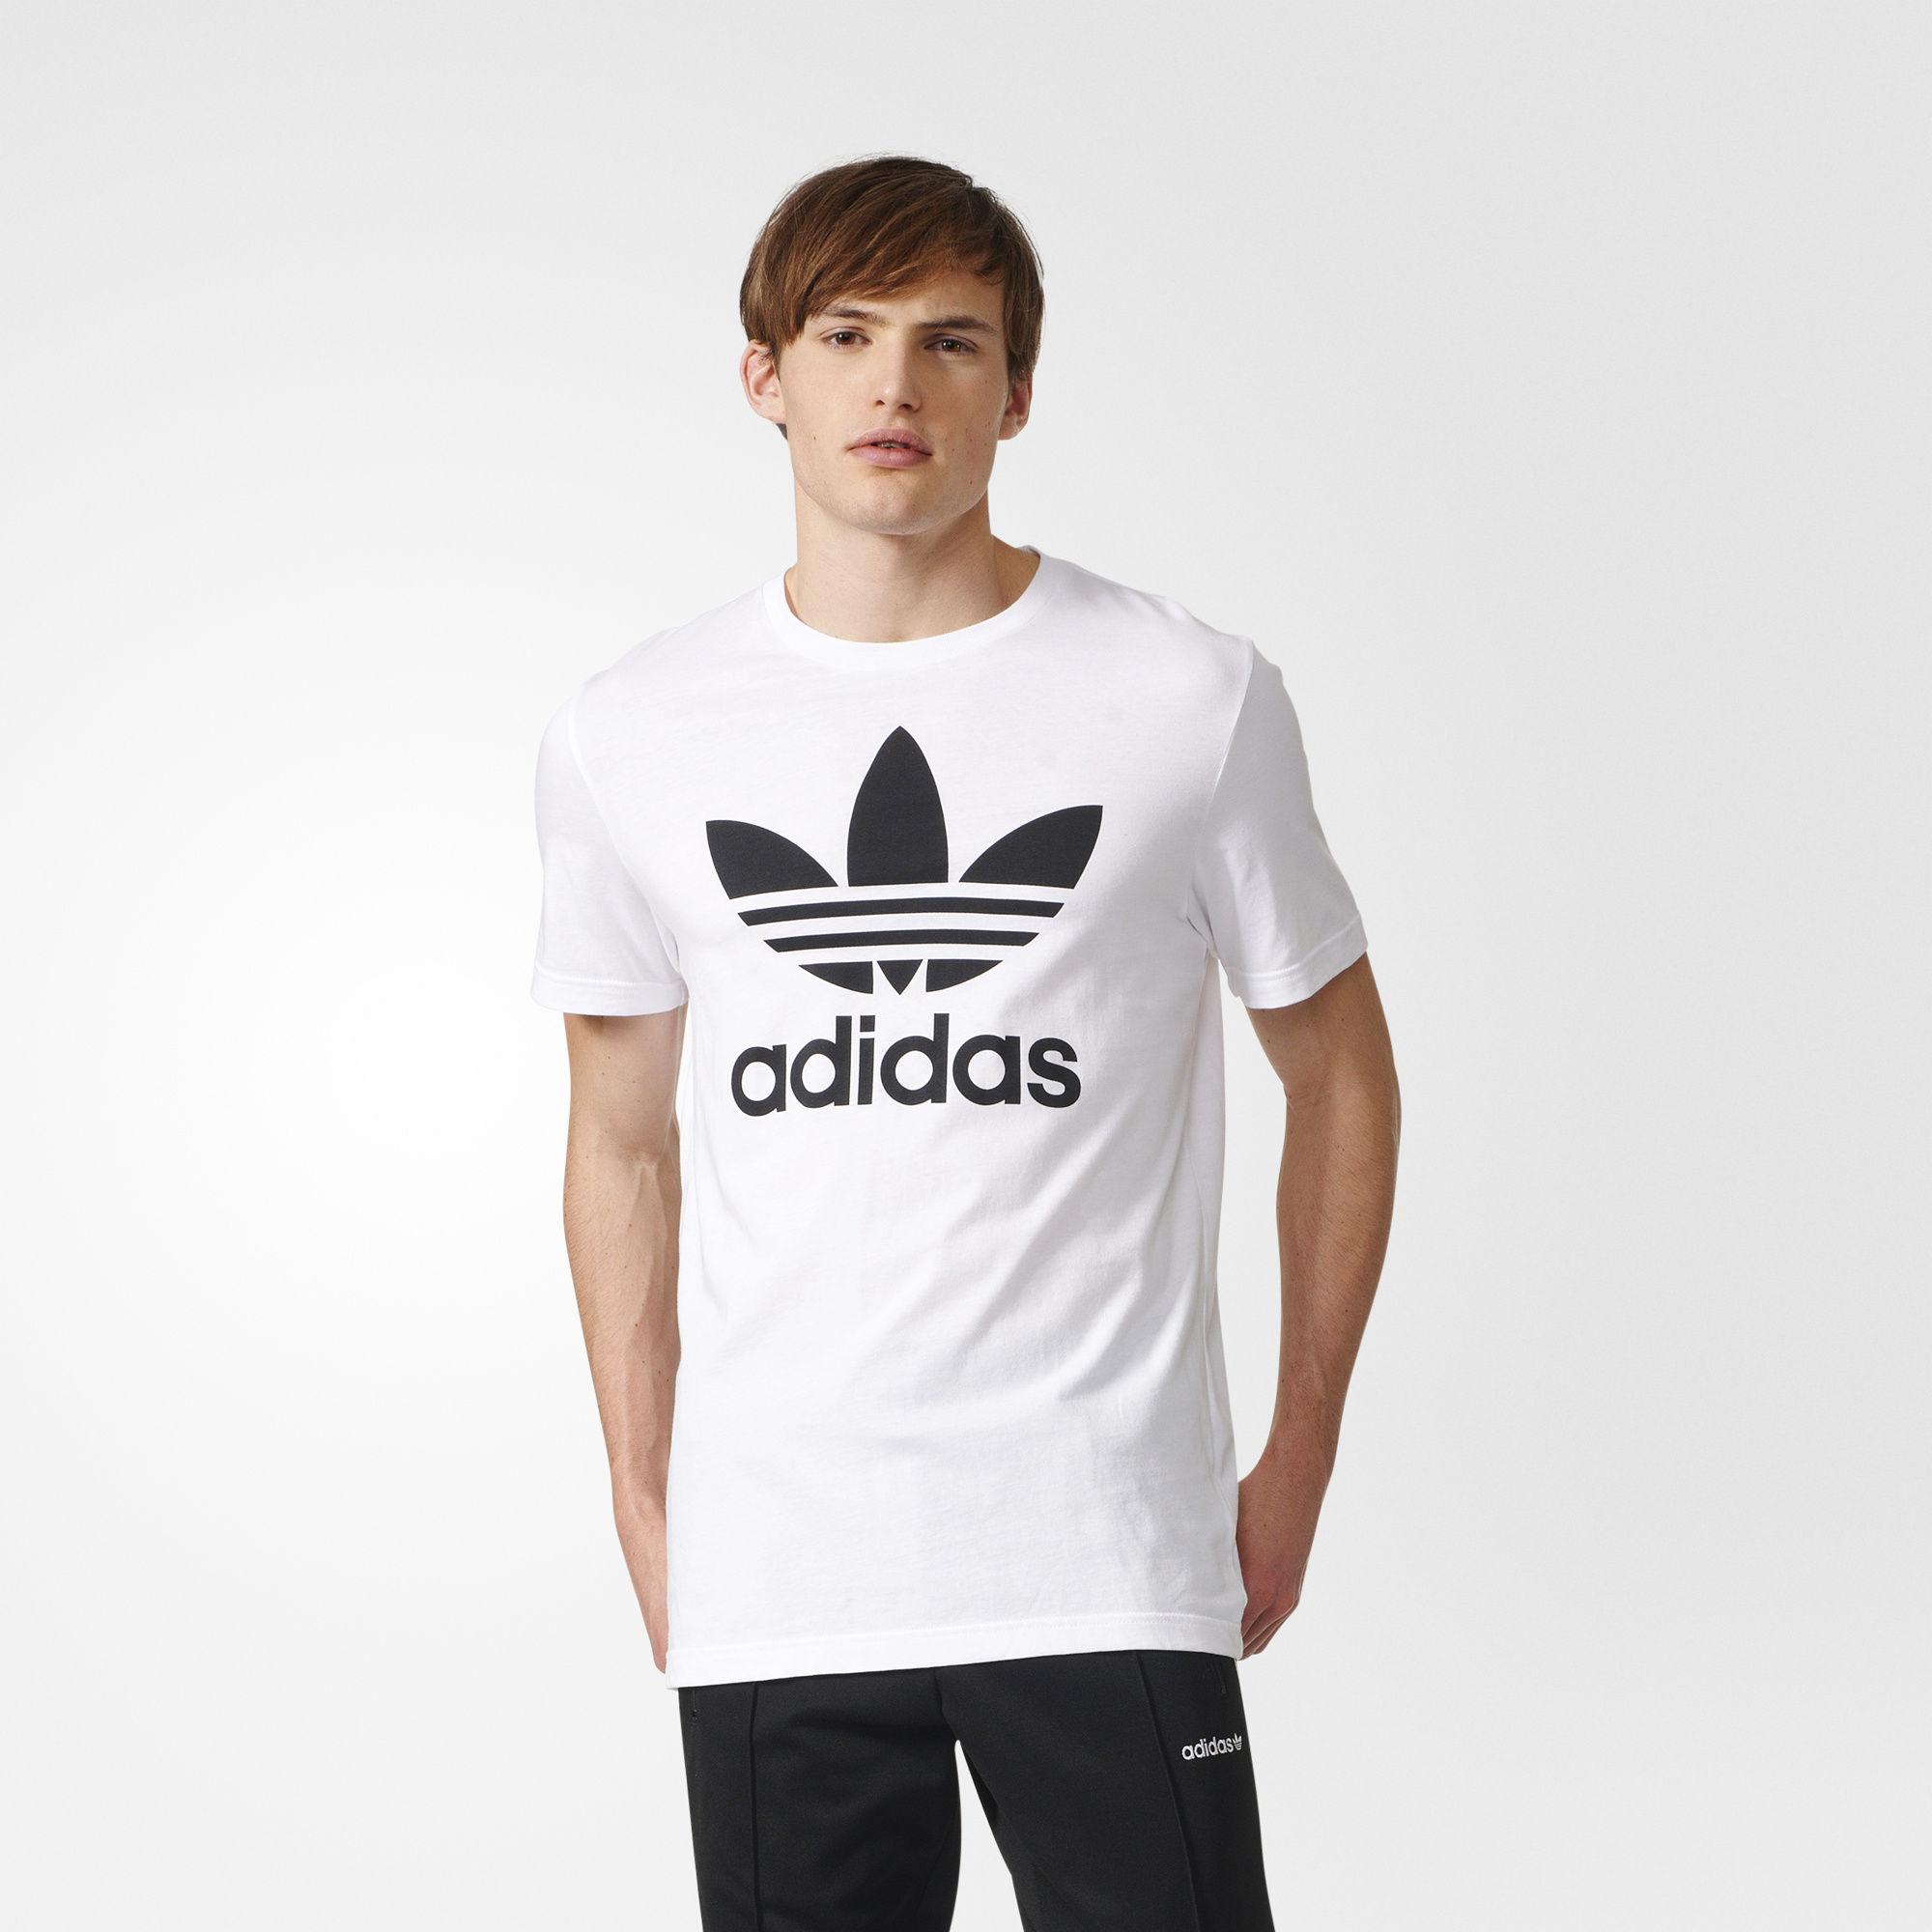 adidas big logo tee